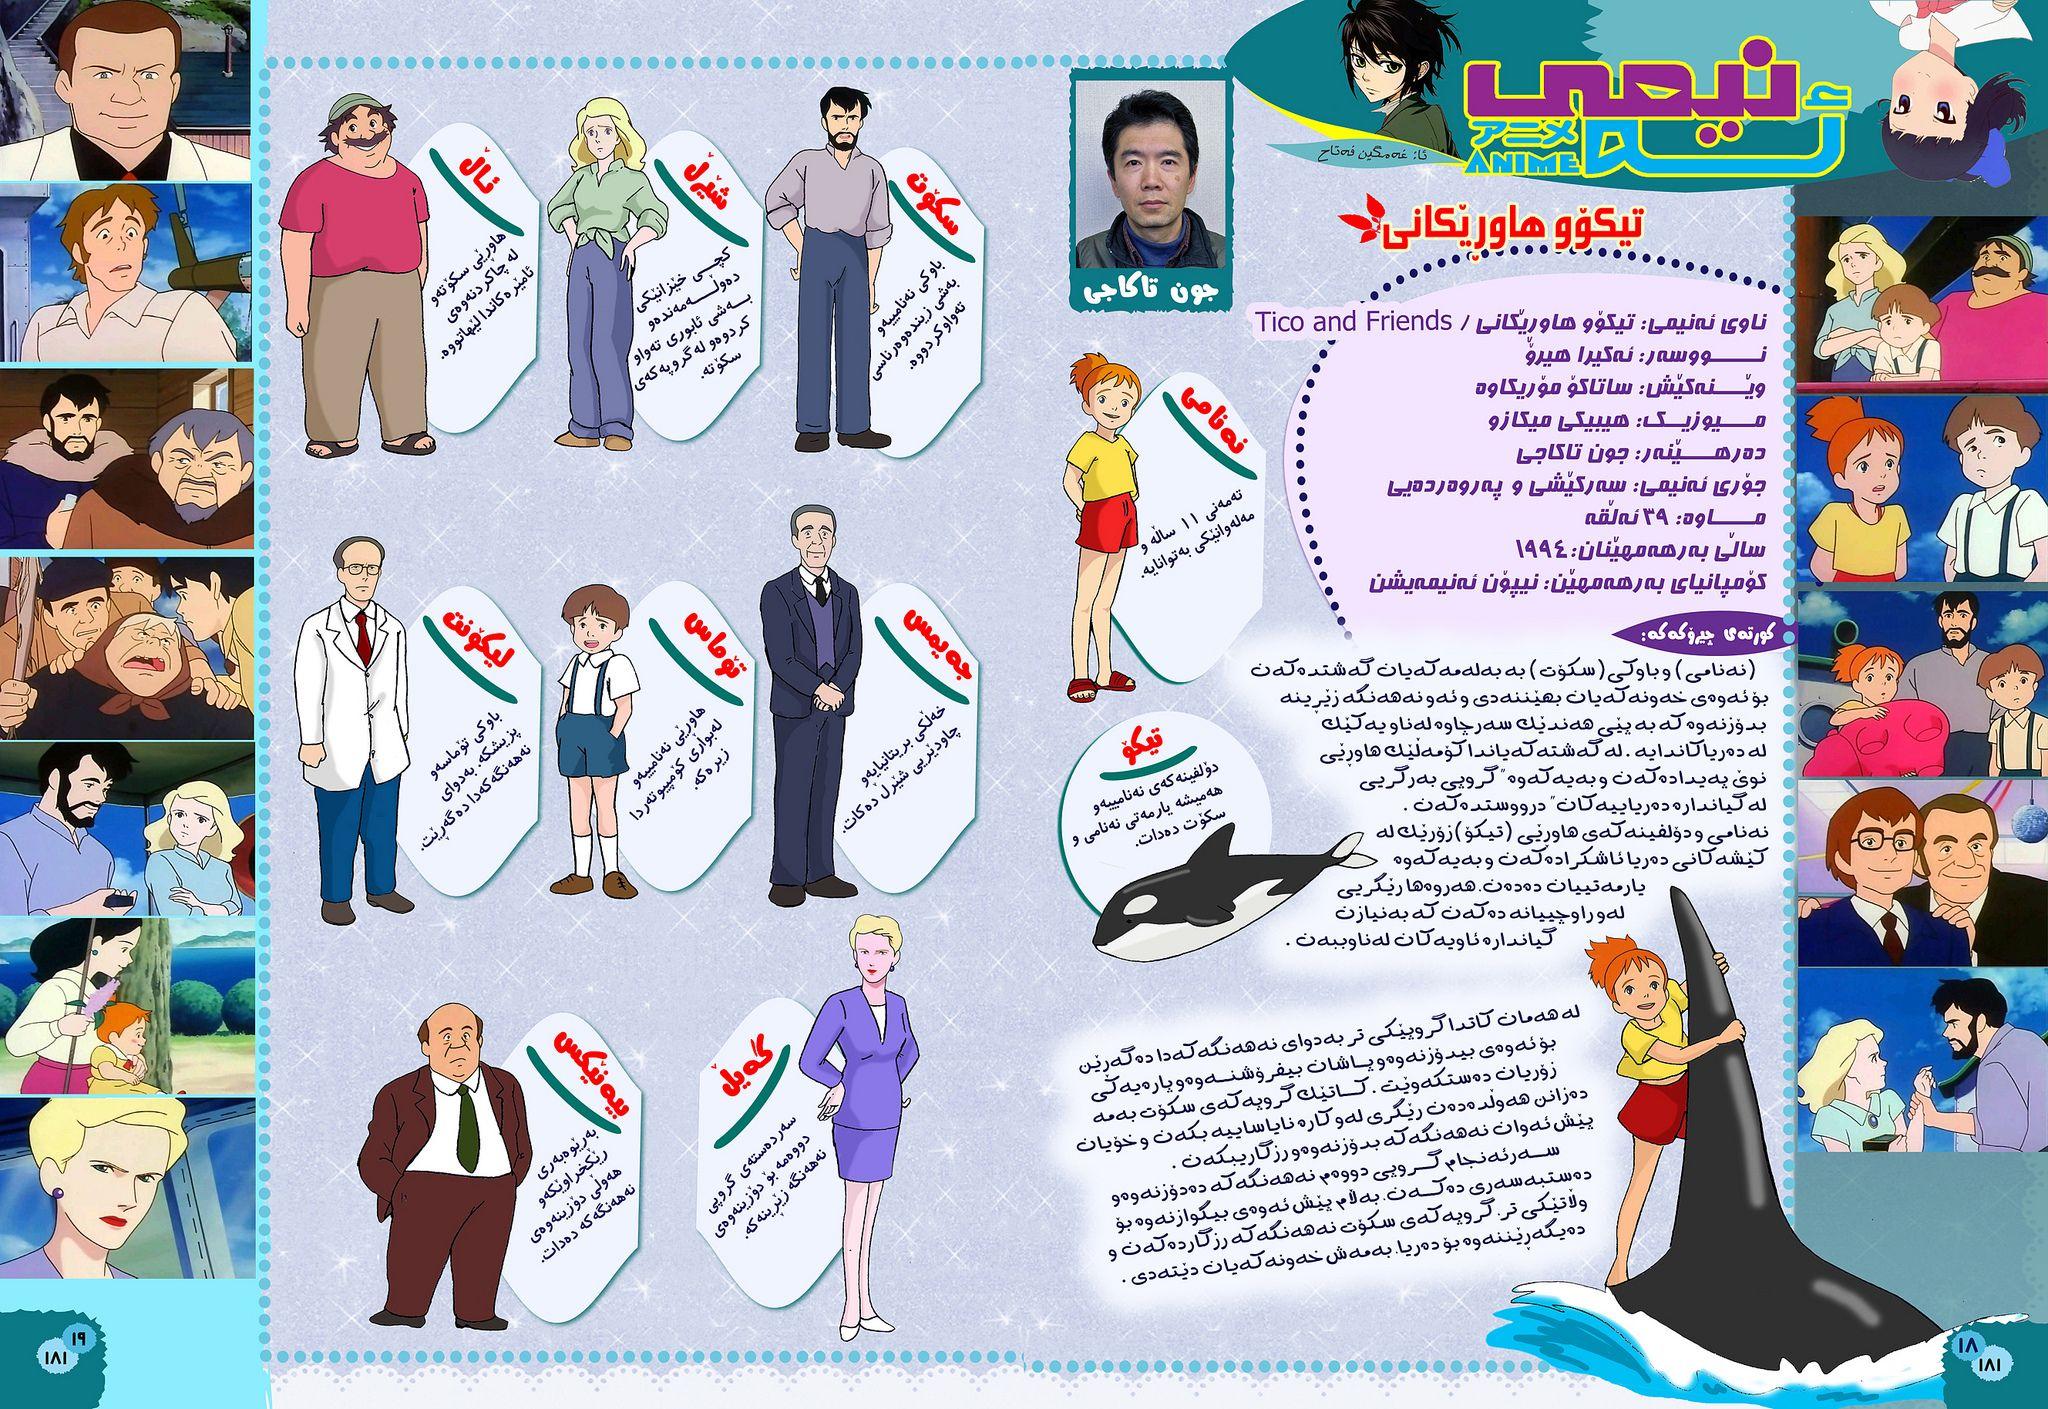 tico and friends- asrar al moheet - ein toller freund - nanatsu no